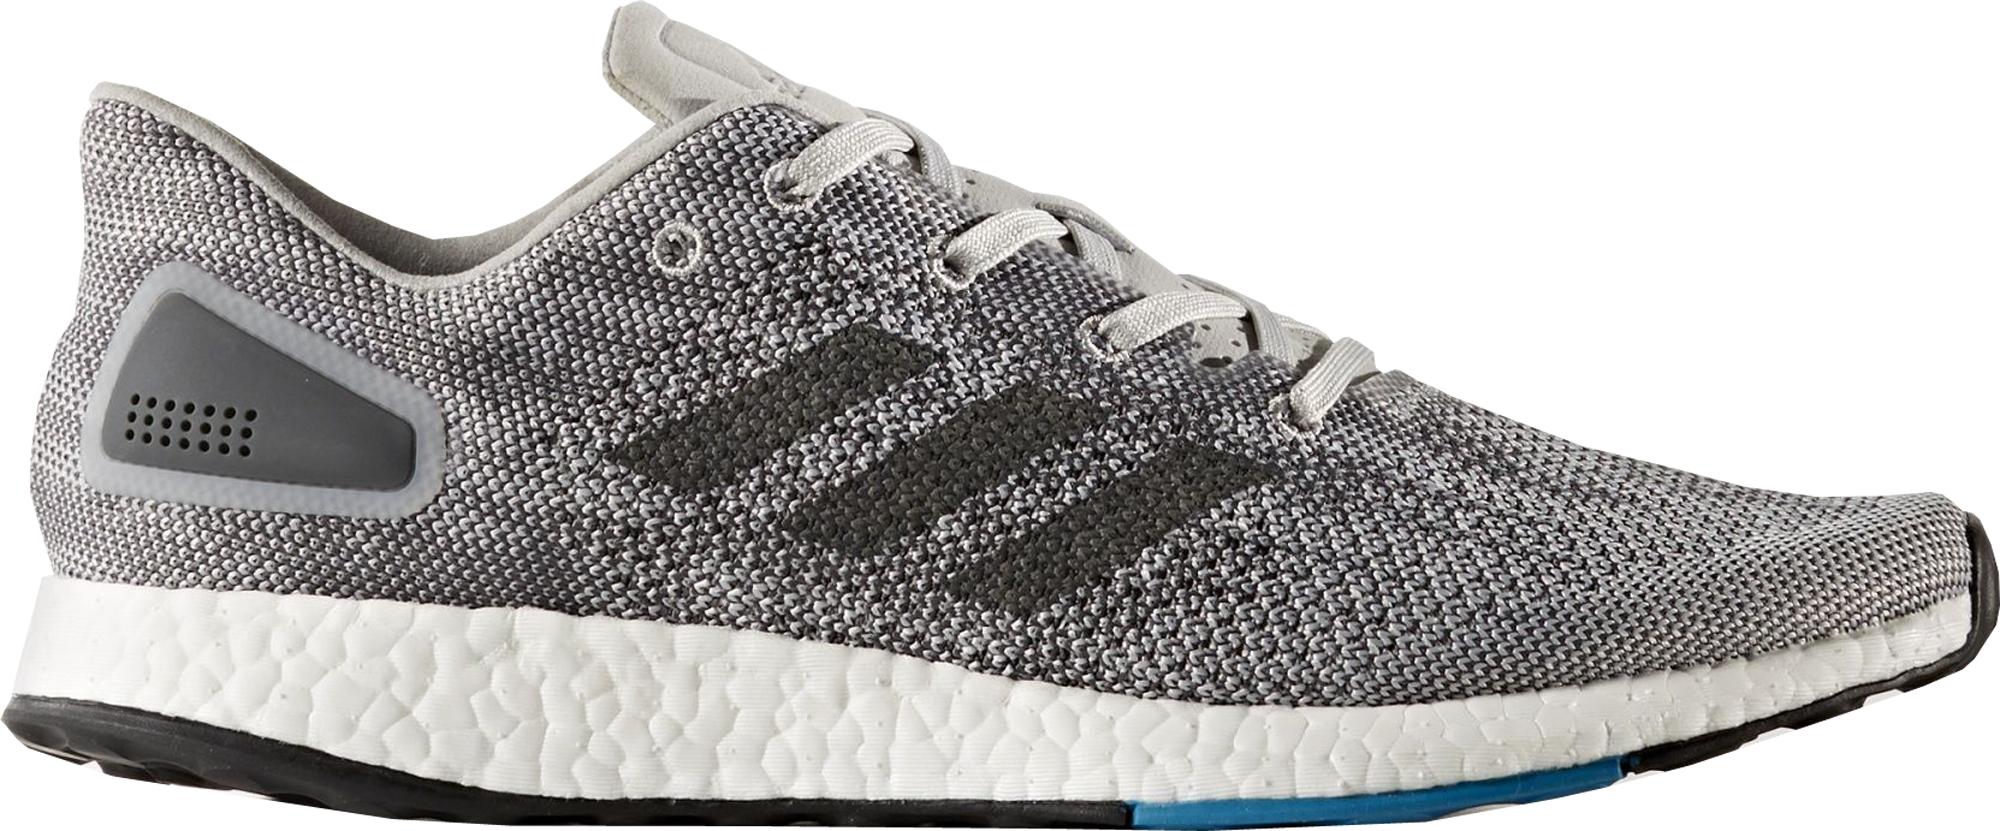 adidas PureBoost DPR Grey Solid Grey